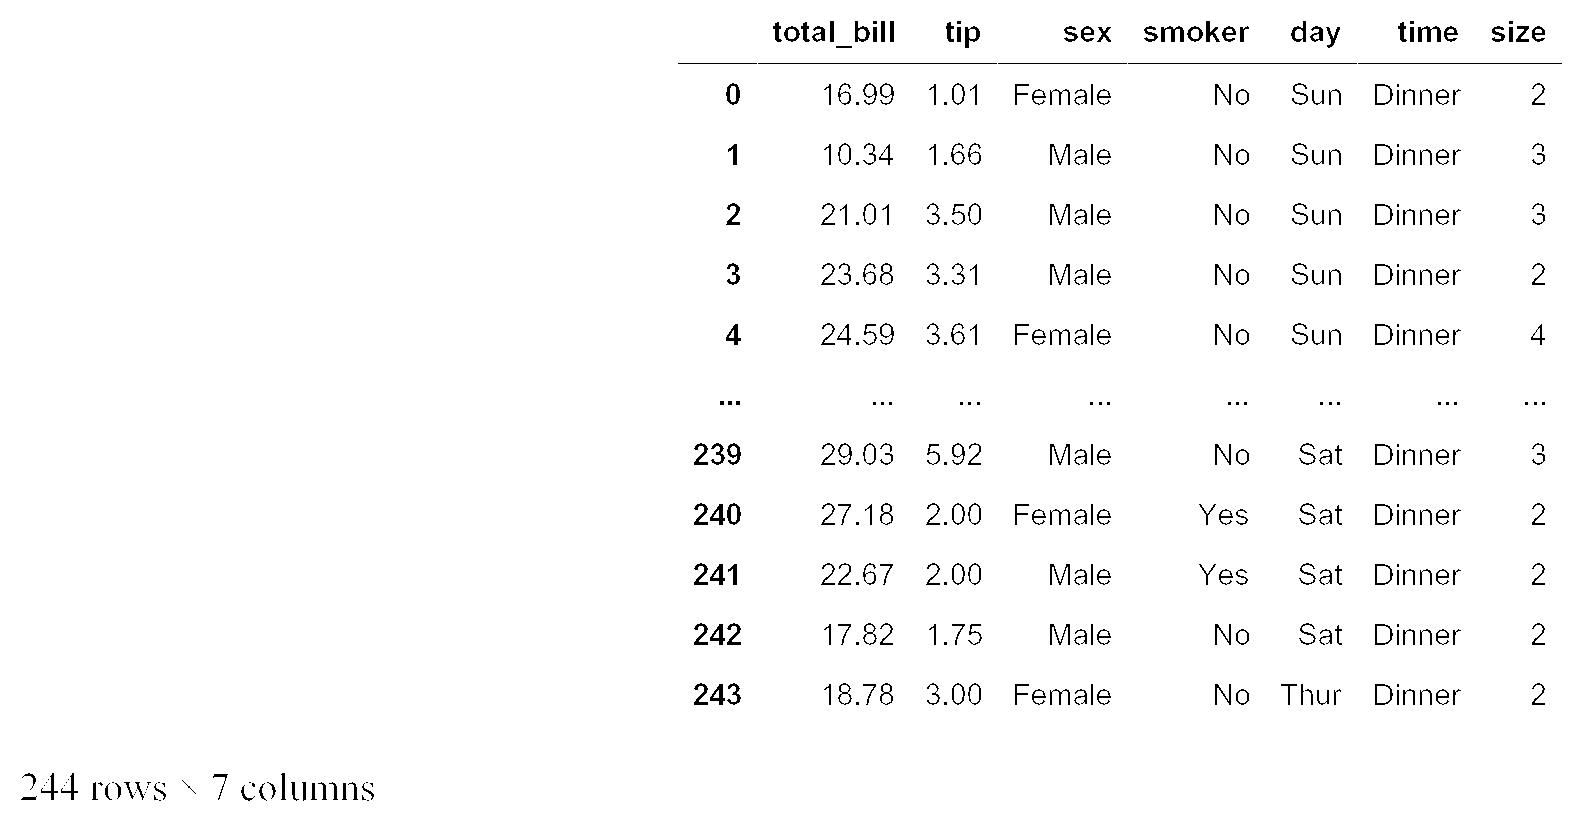 Tips dataset